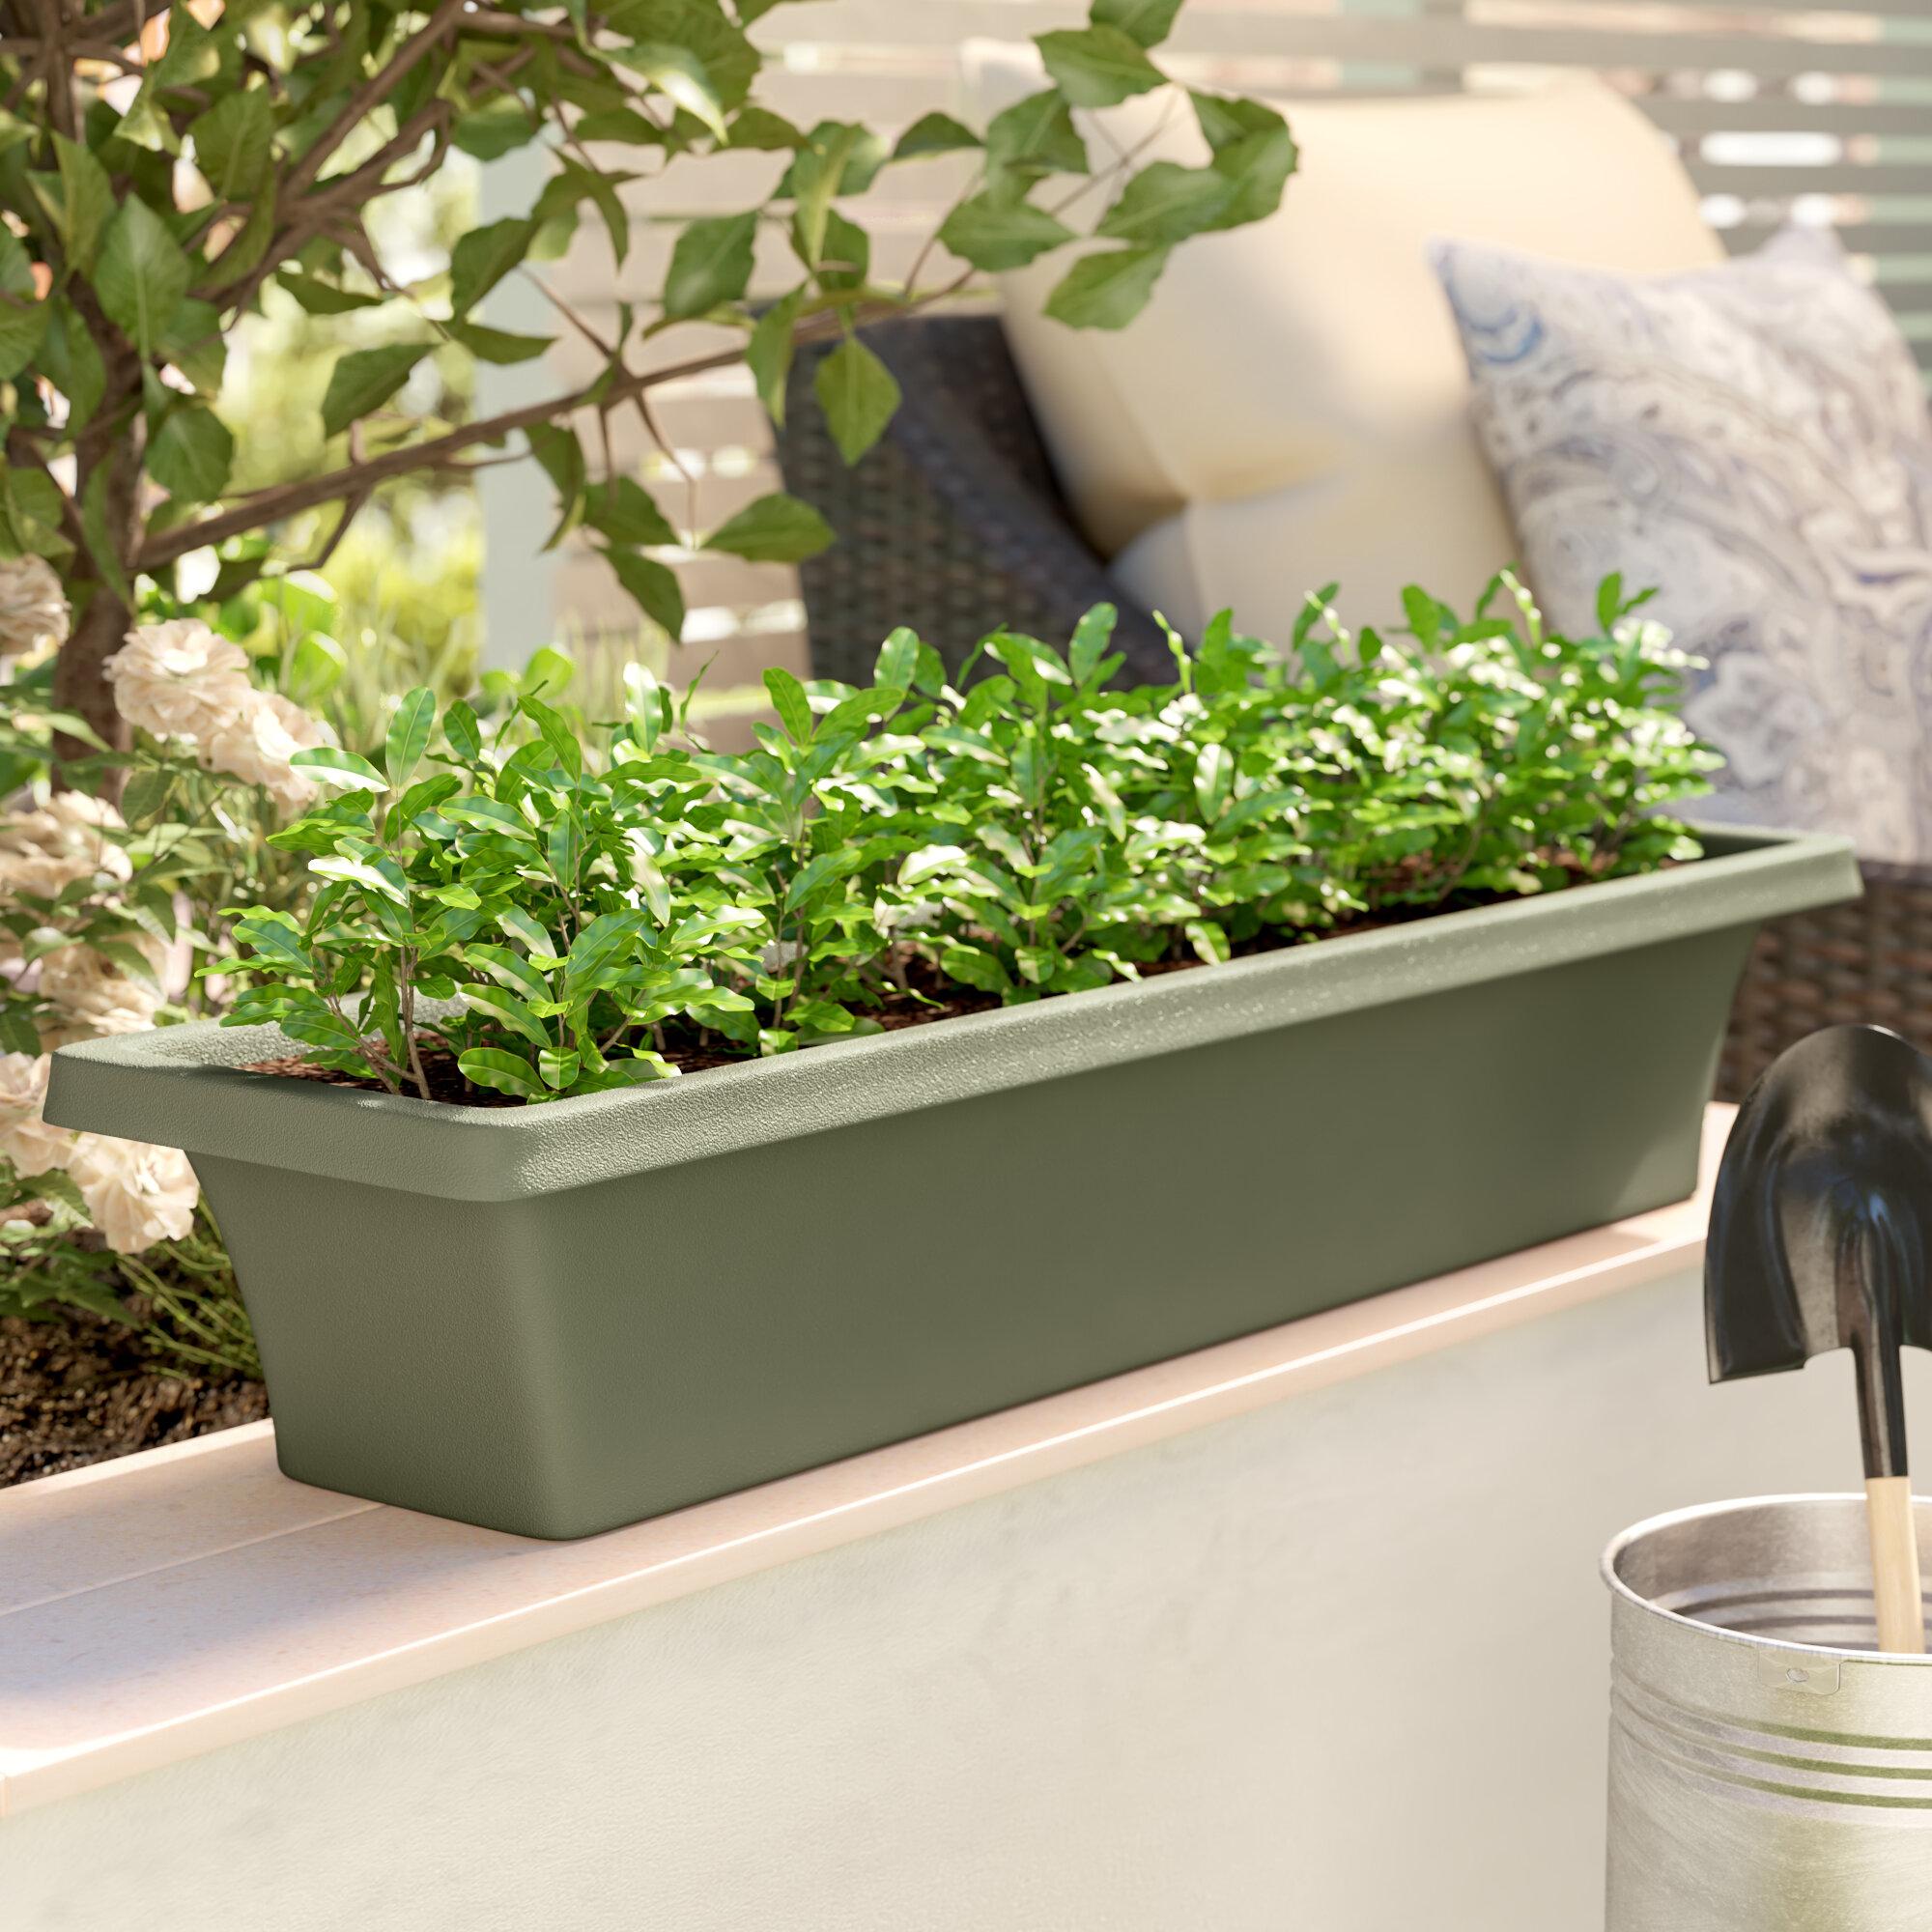 Ellenton Coffee Table With Storage: Sol 72 Outdoor Ellenton Plastic Window Box Planter